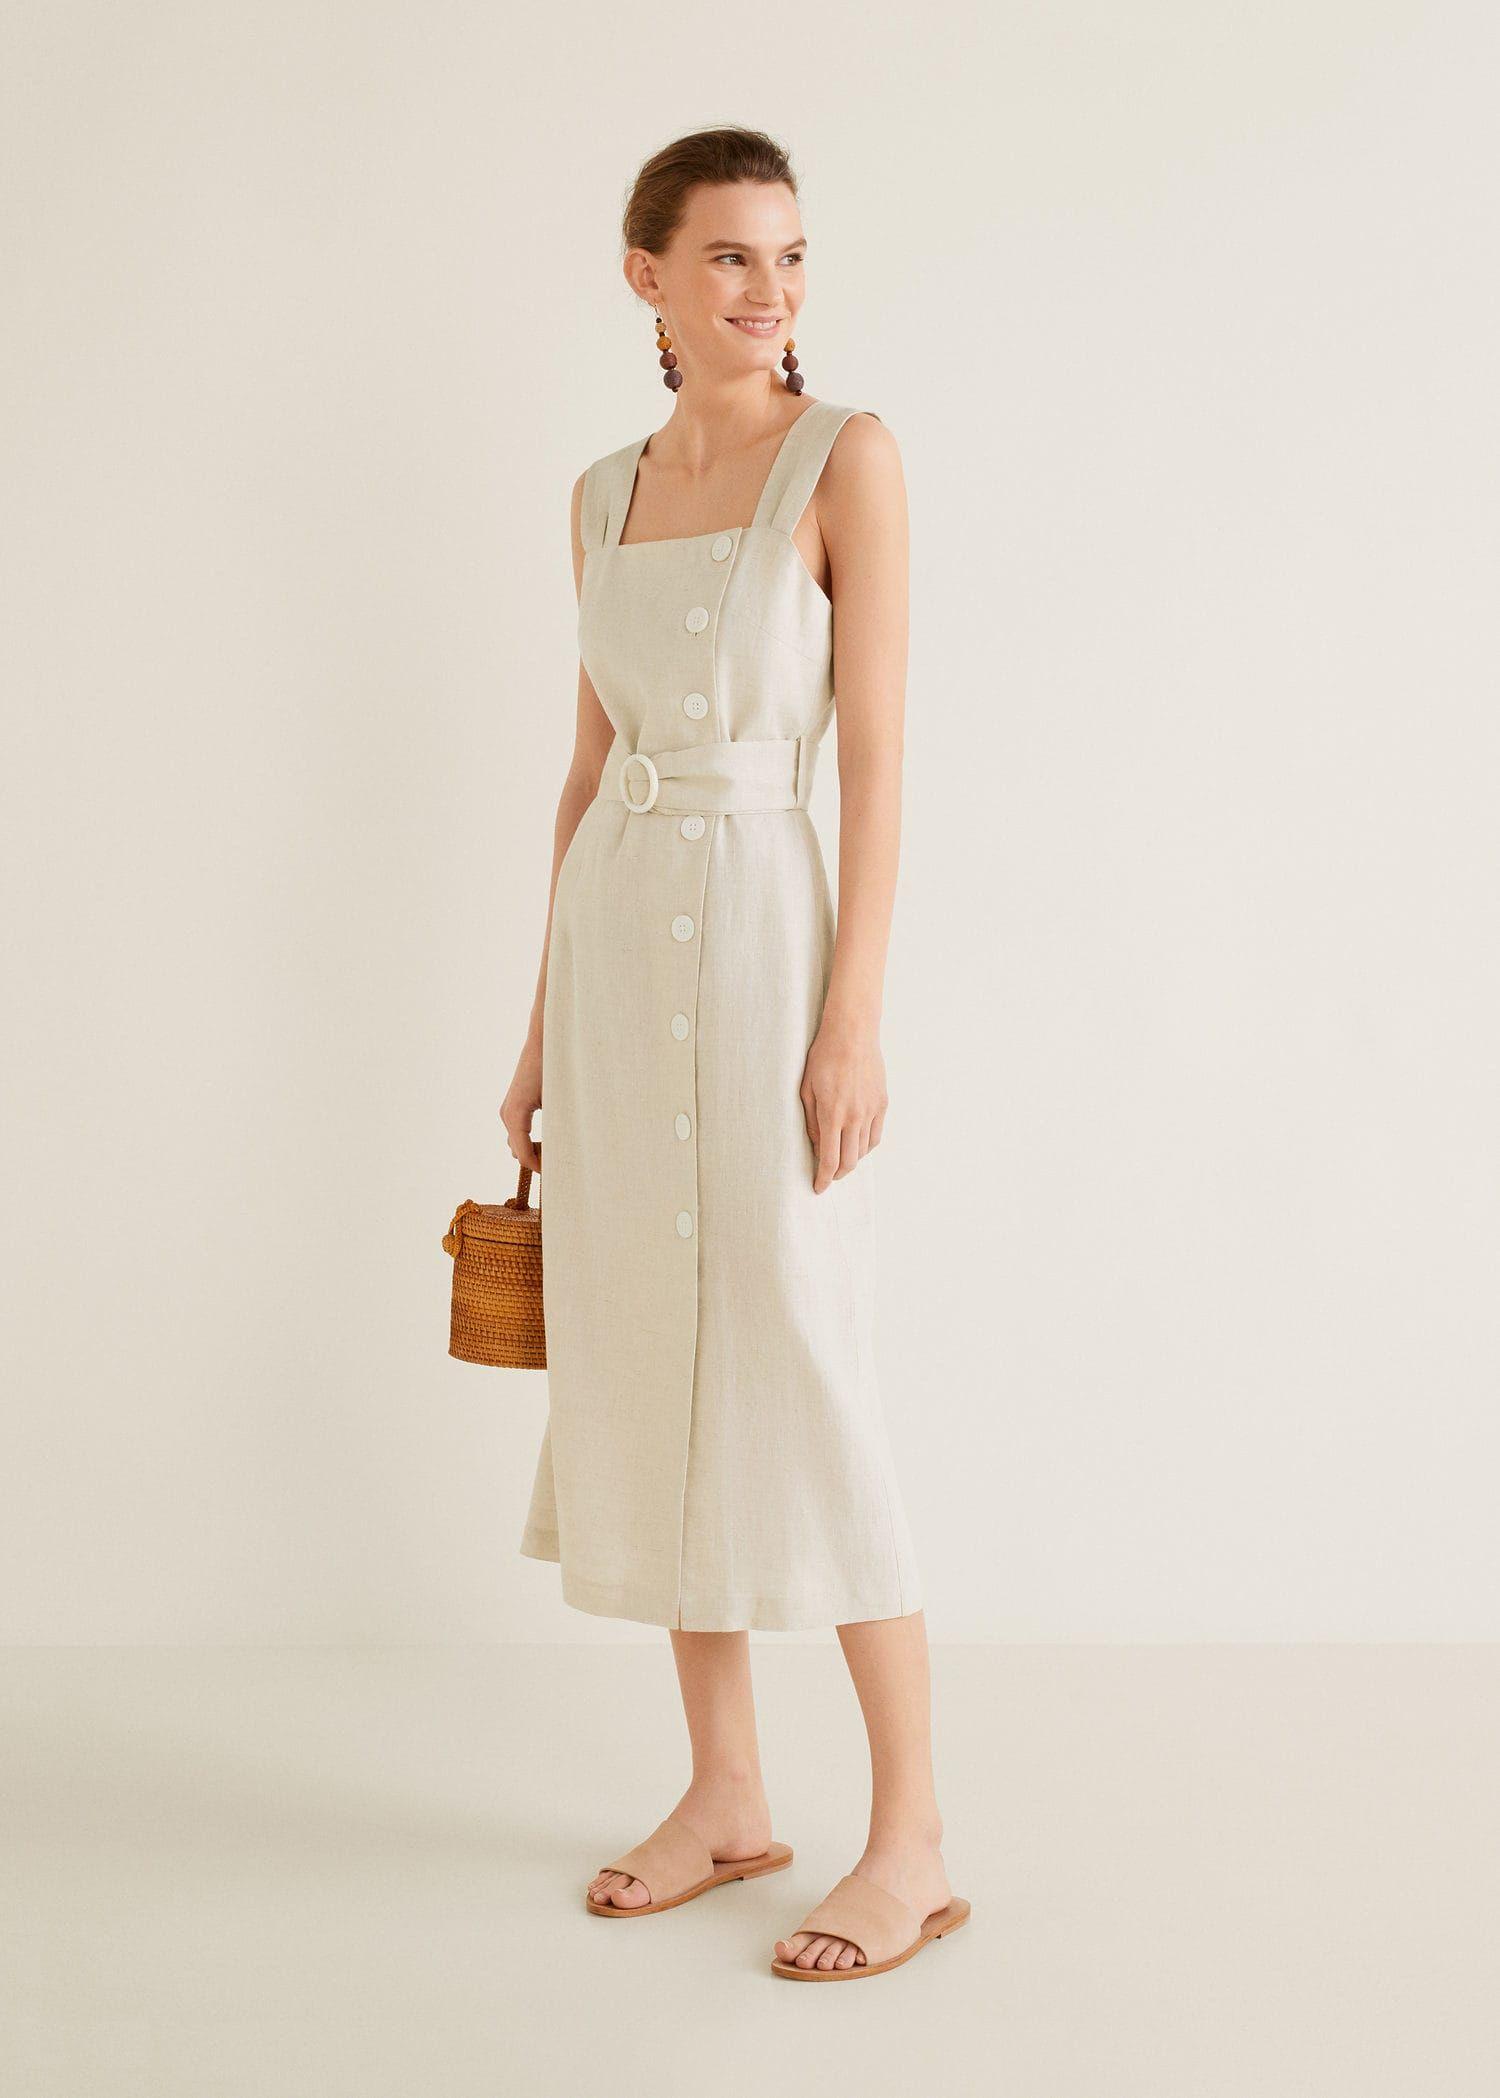 818399a45a0 Buttoned linen-blend dress - Women in 2019 | Spring/Summer Style ...